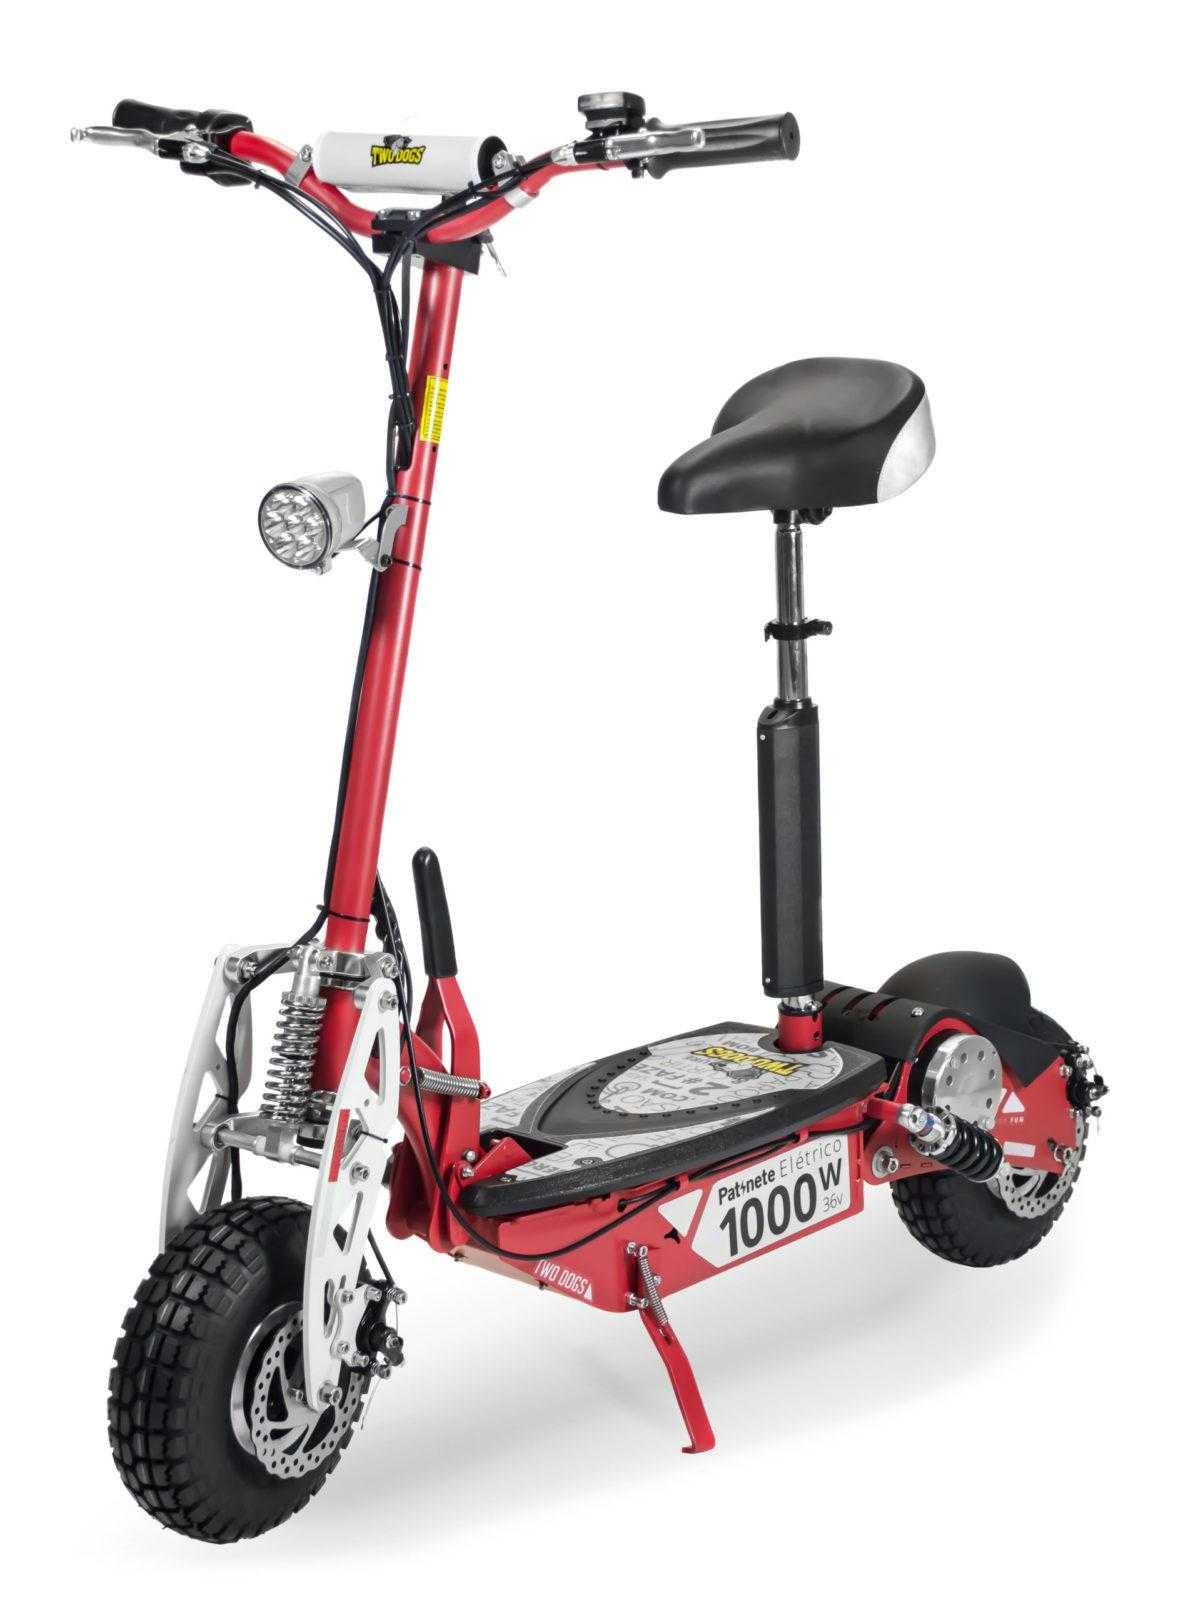 1000w 34v - RED